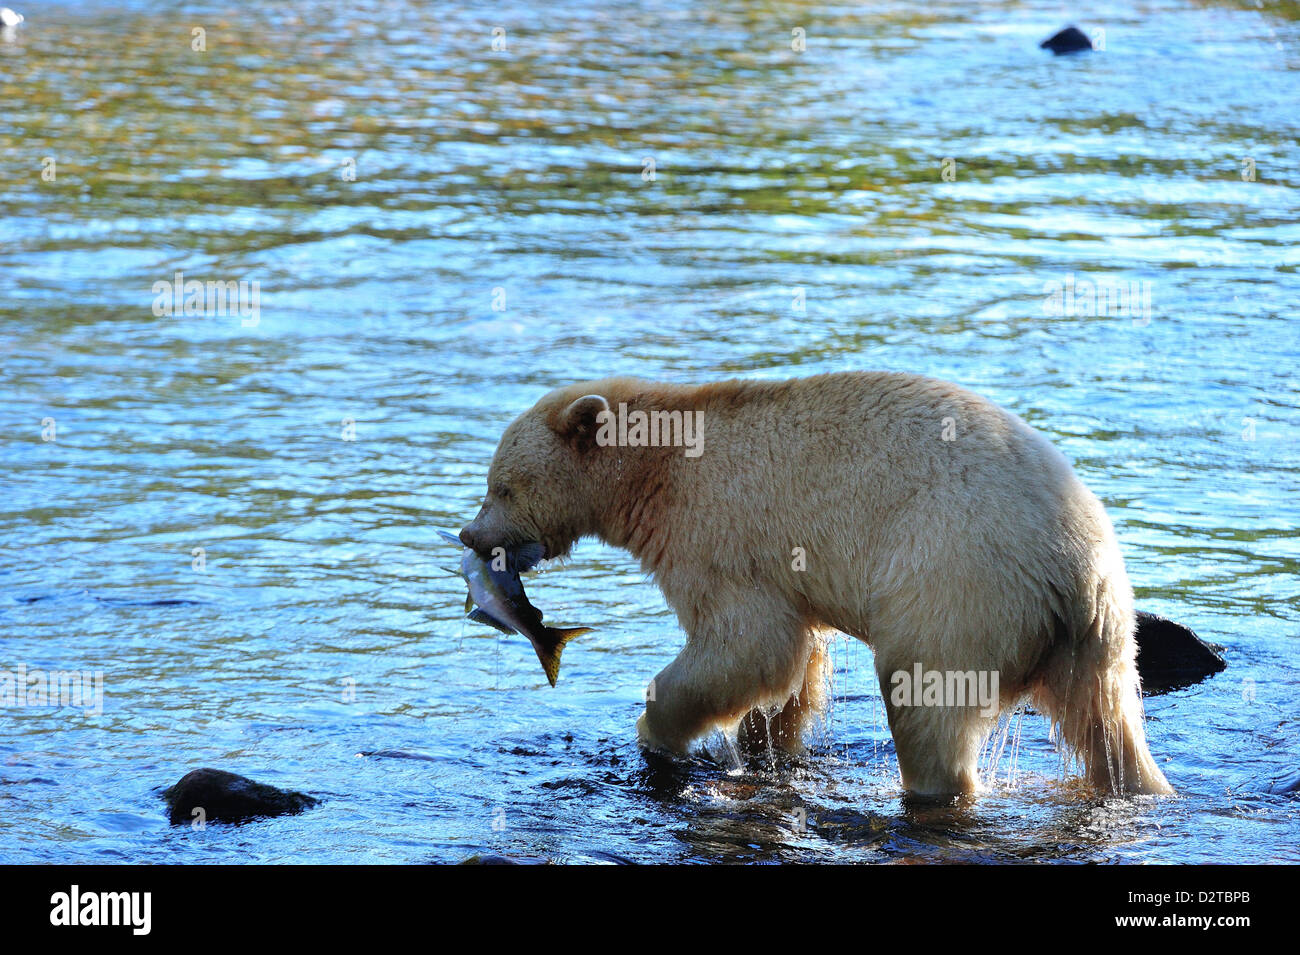 Spirito di Orso (Kermode bear) con catture di salmone, grande orso nella foresta pluviale, British Columbia, Canada, Immagini Stock